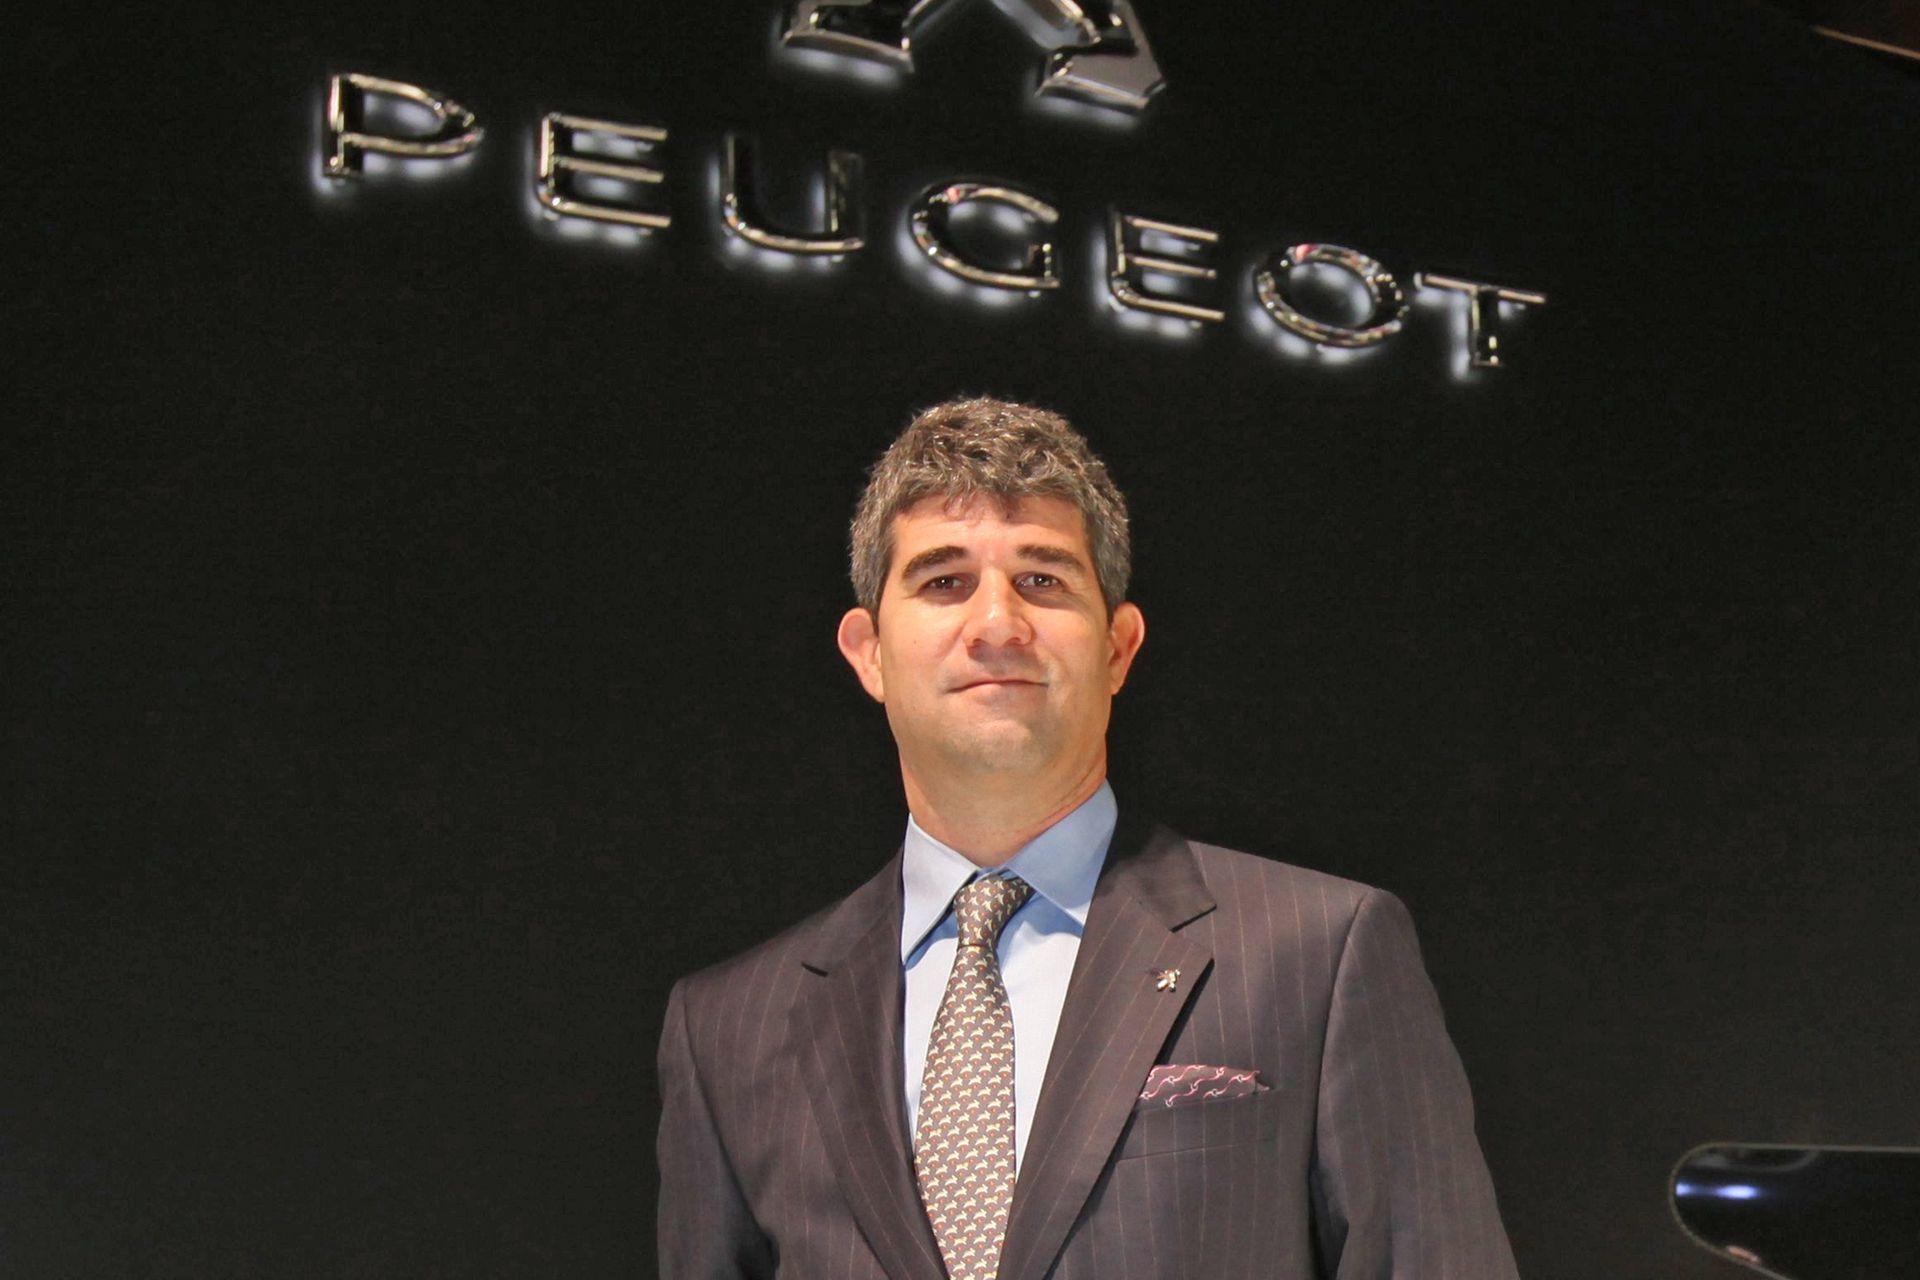 Gabriel Cordo Miranda, director general de Peugeot, Citroën y DS Argentina